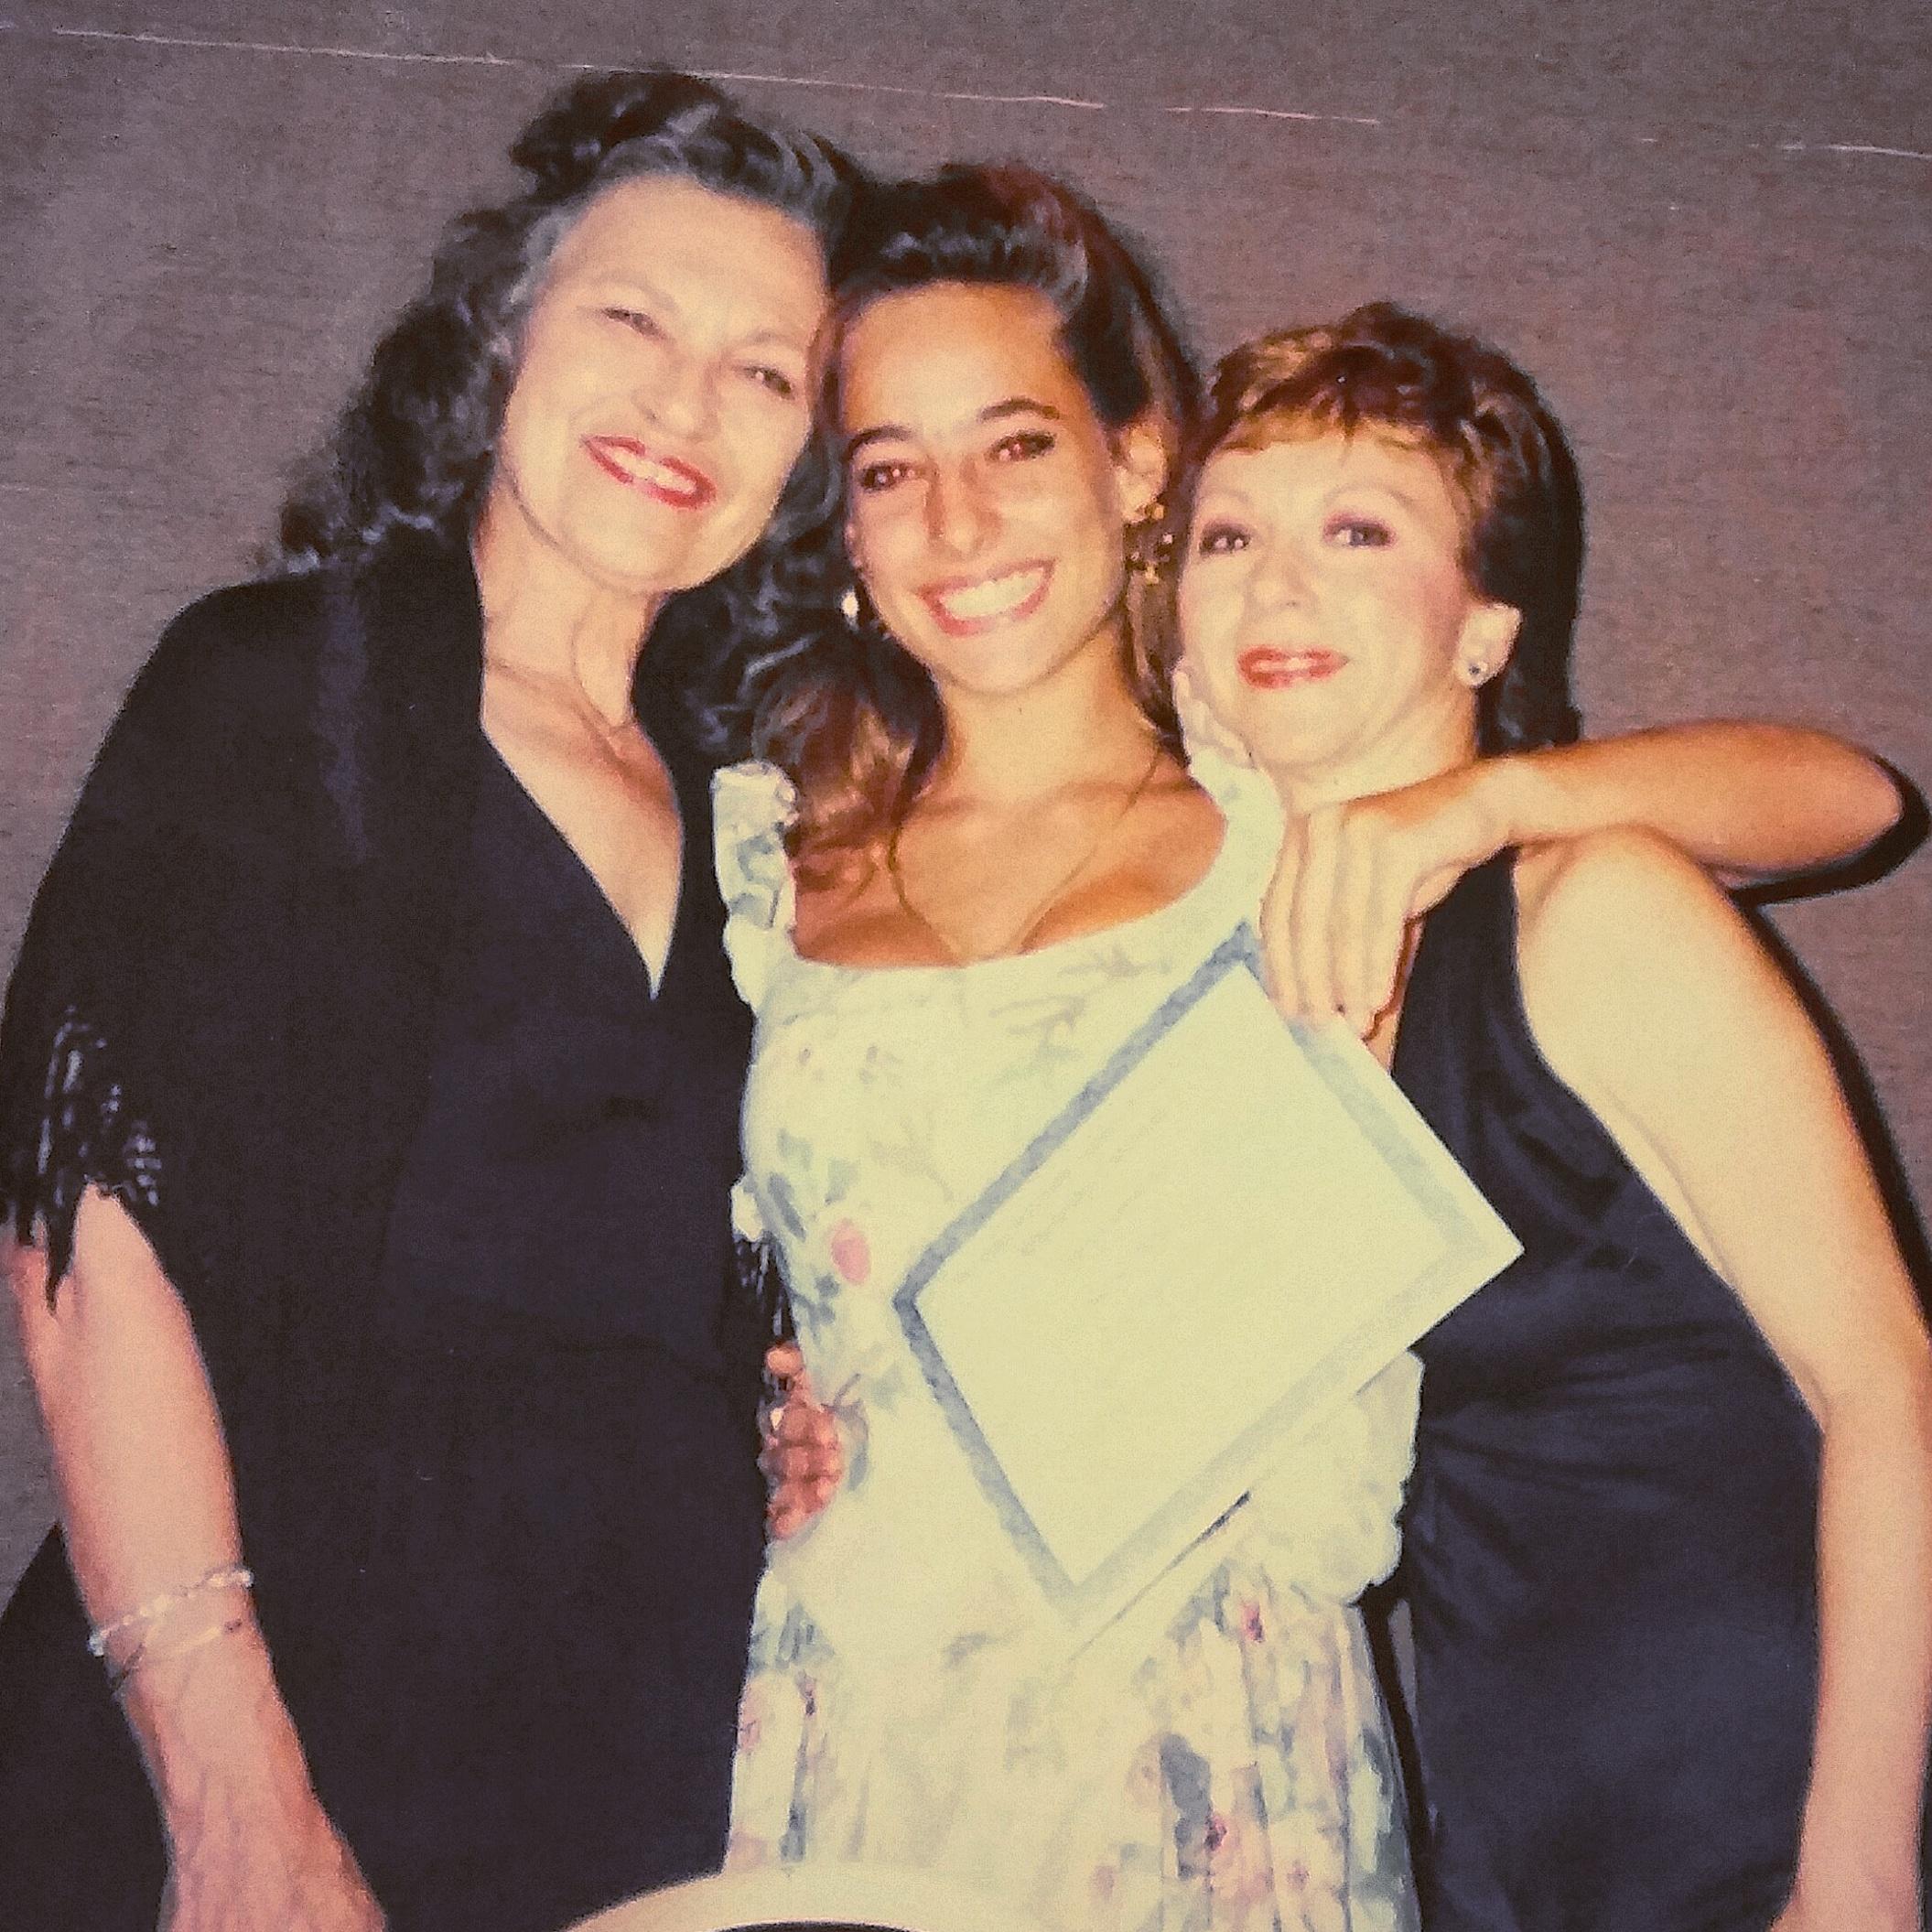 Jessica riceve una borsa di studio dalla Texas Association Teachers of Dance e Patsy Swayze, madre dell'attore Patrick Swayze